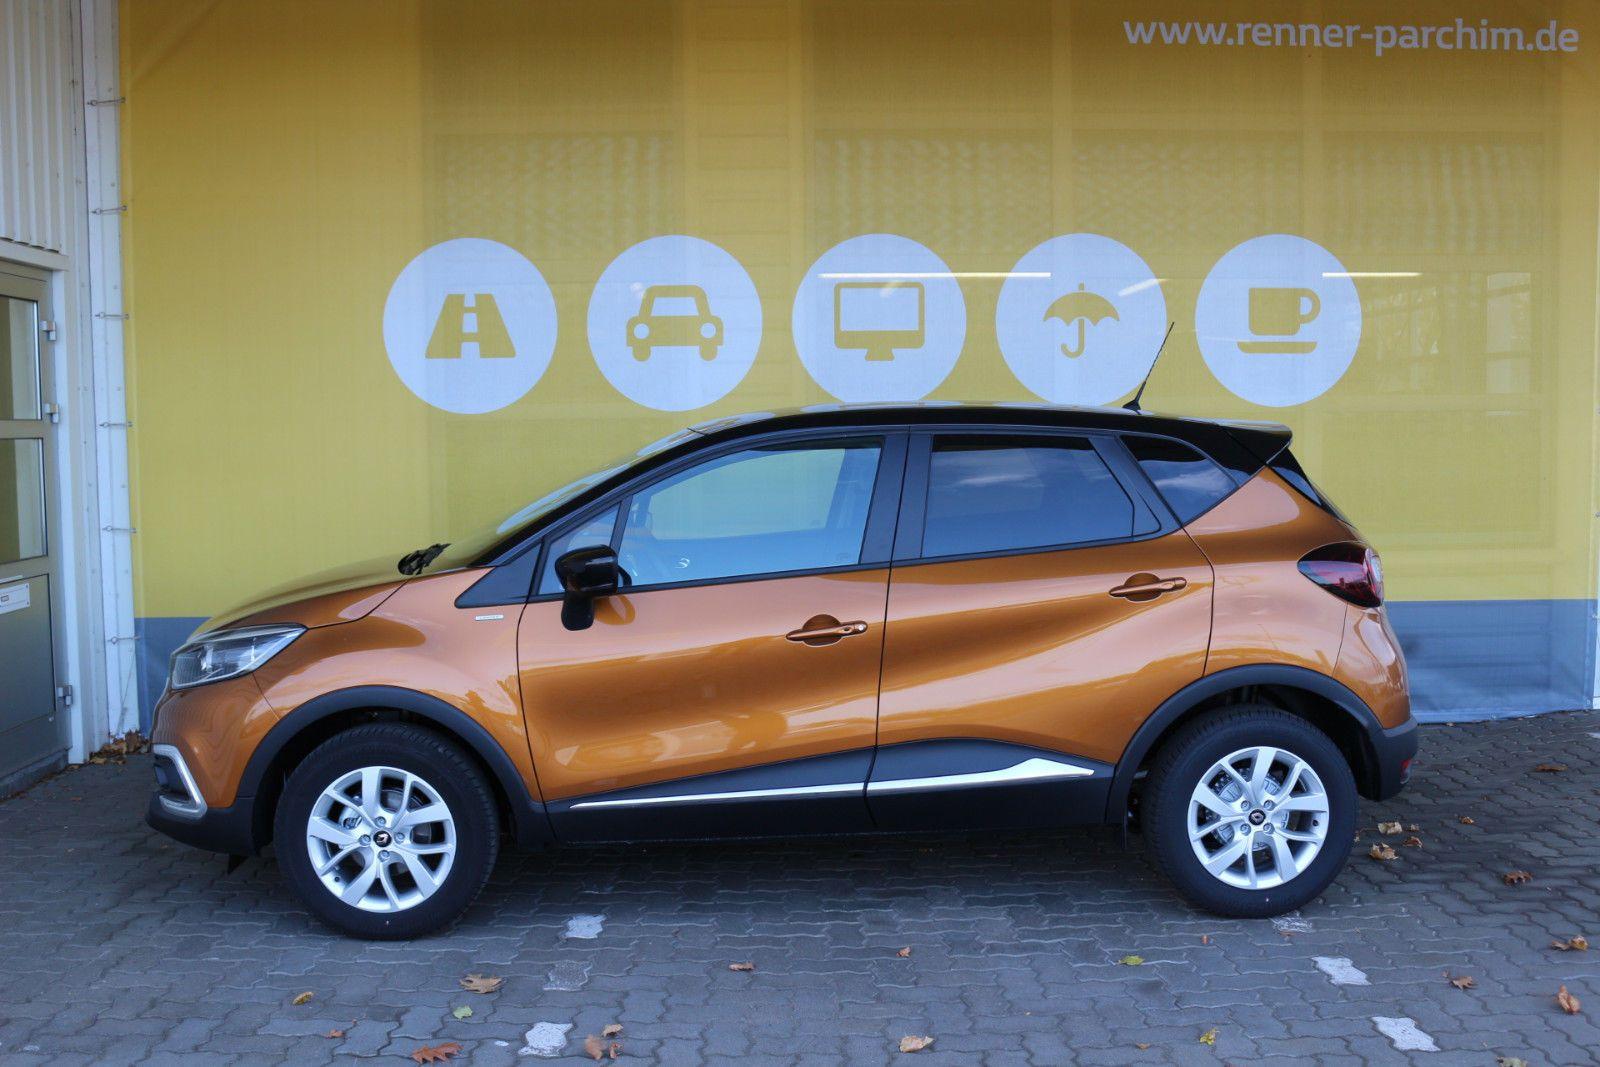 Renault Captur Limited Tce 90 Fahrzeuge Schaltgetriebe Und Getriebe